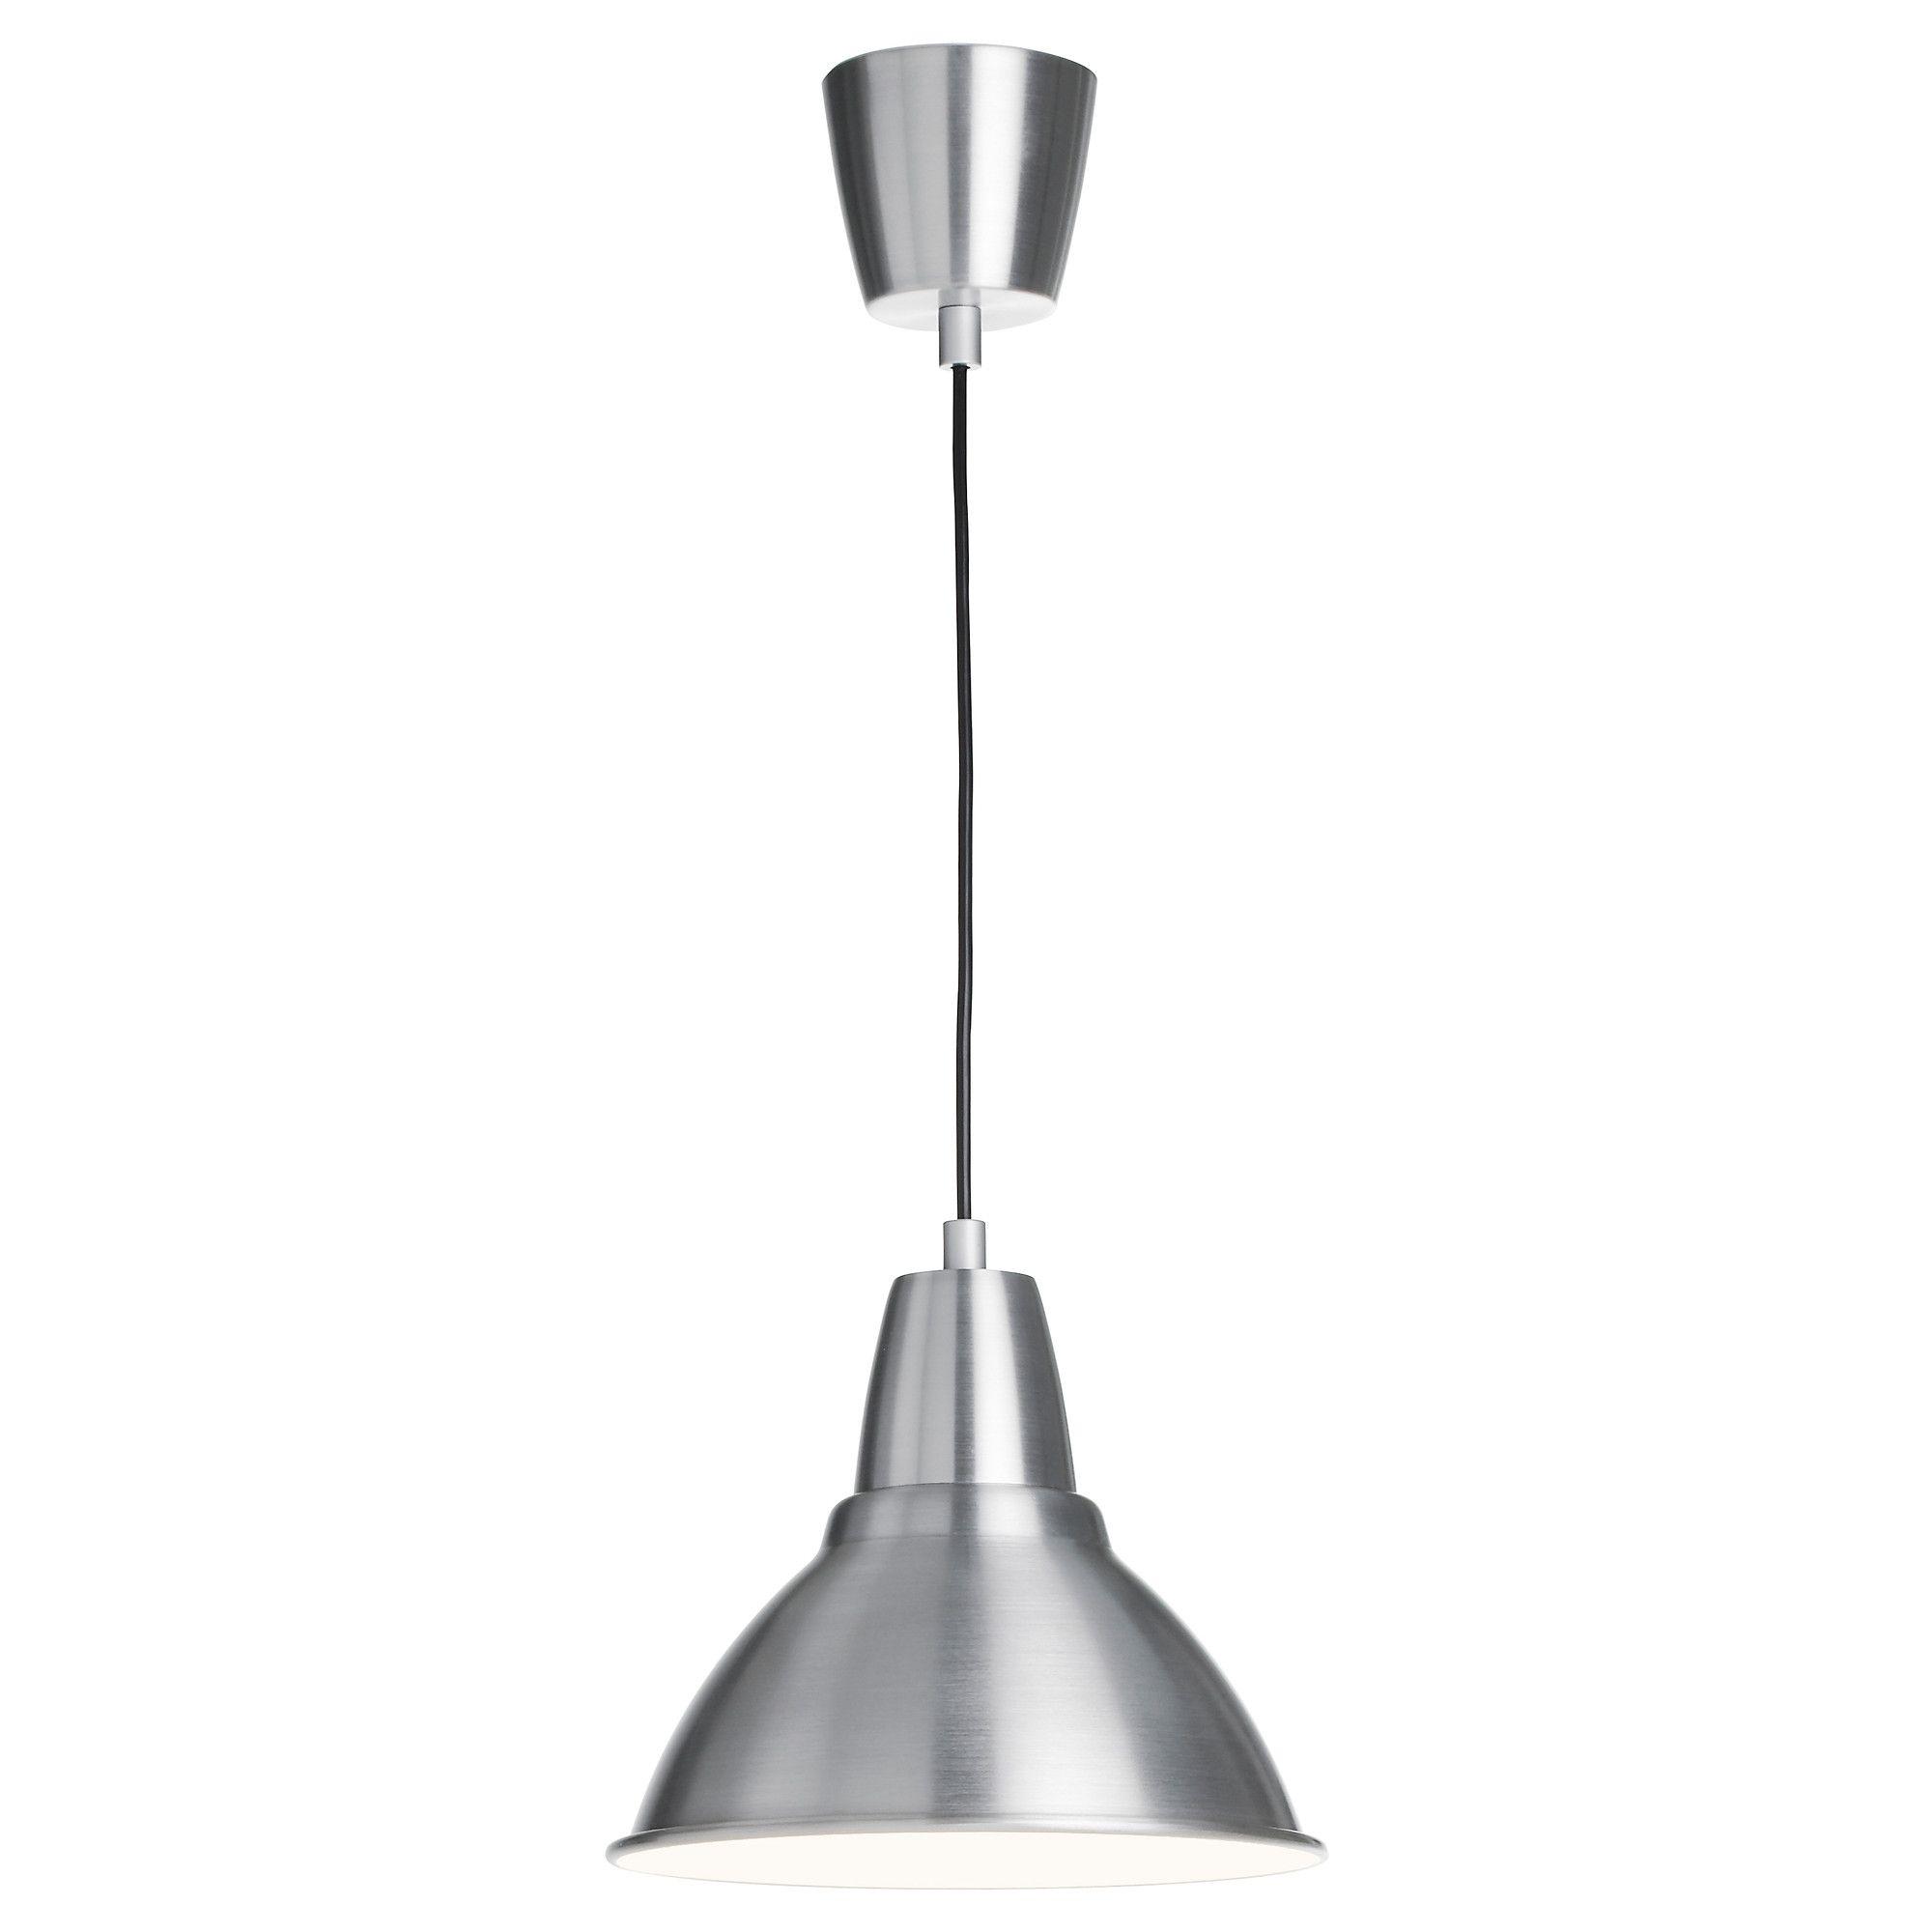 FOTO Taklampe - aluminium, 25 cm - IKEA kjøkken? skrivepulter?